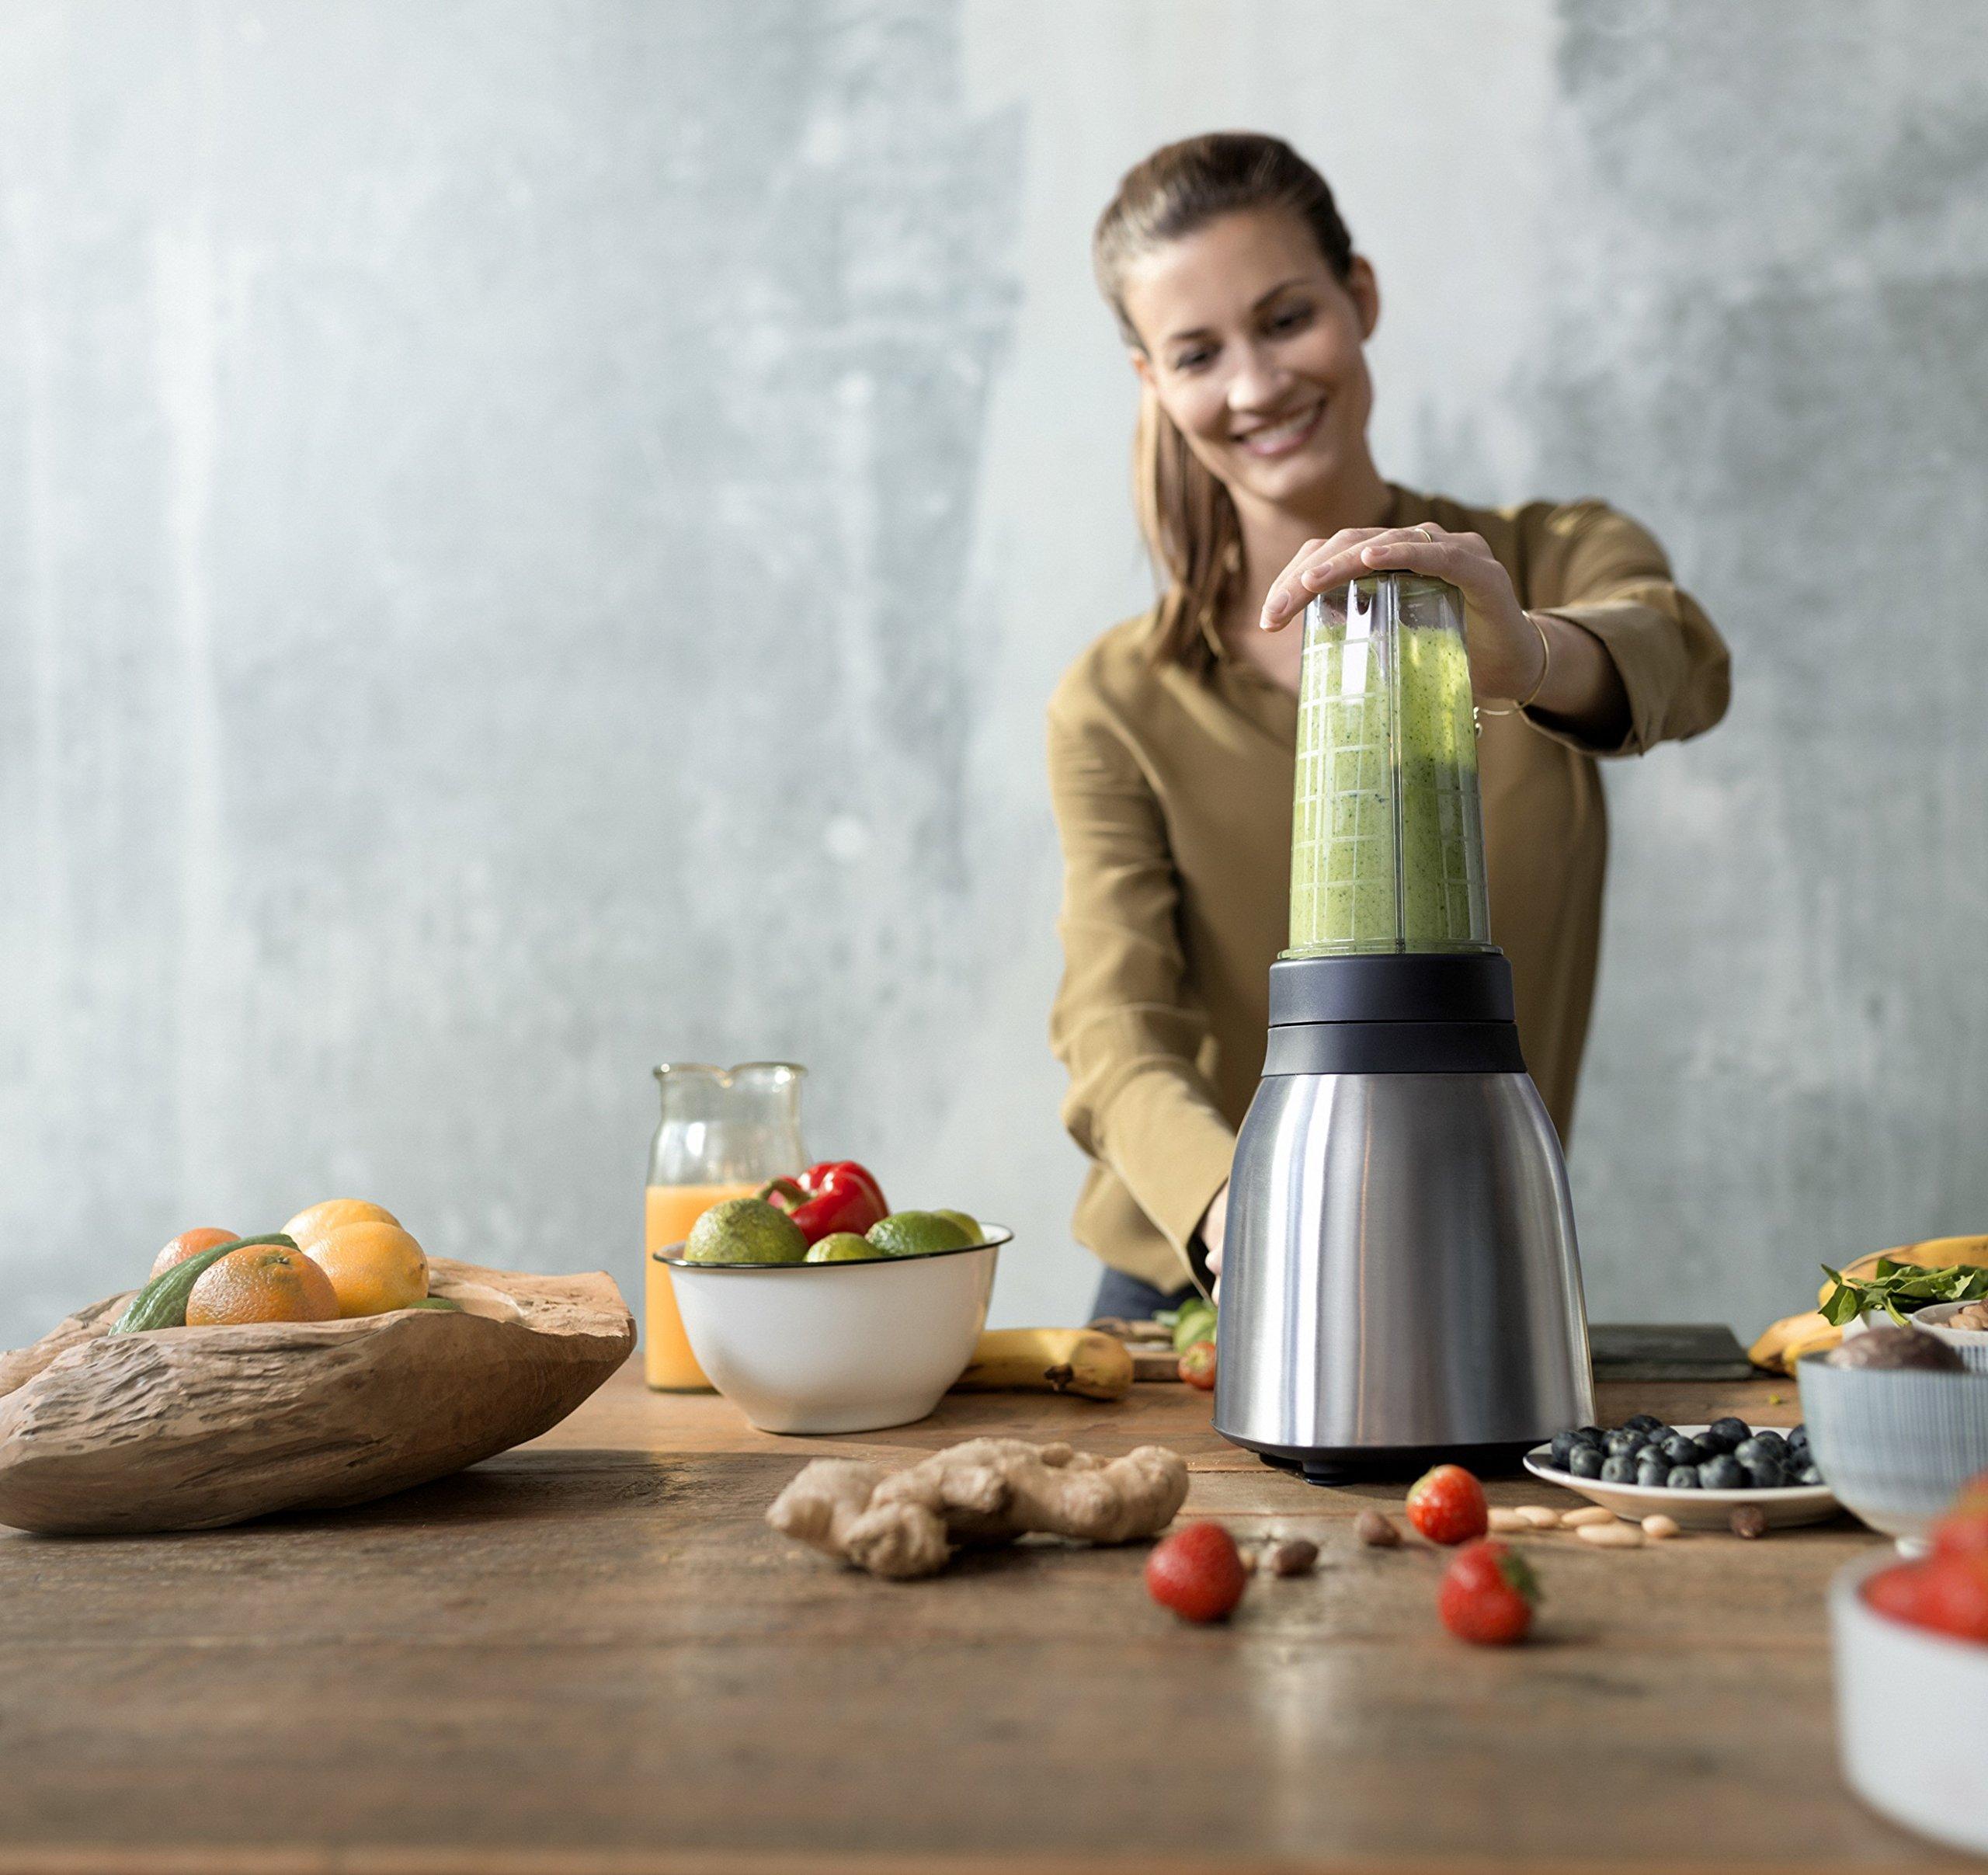 Philips-HR355600-Standmixer-900-Watt-ProBlend-6-Technologie-2-Liter-Glasbehlter-Splmaschinenfest-edelstahl